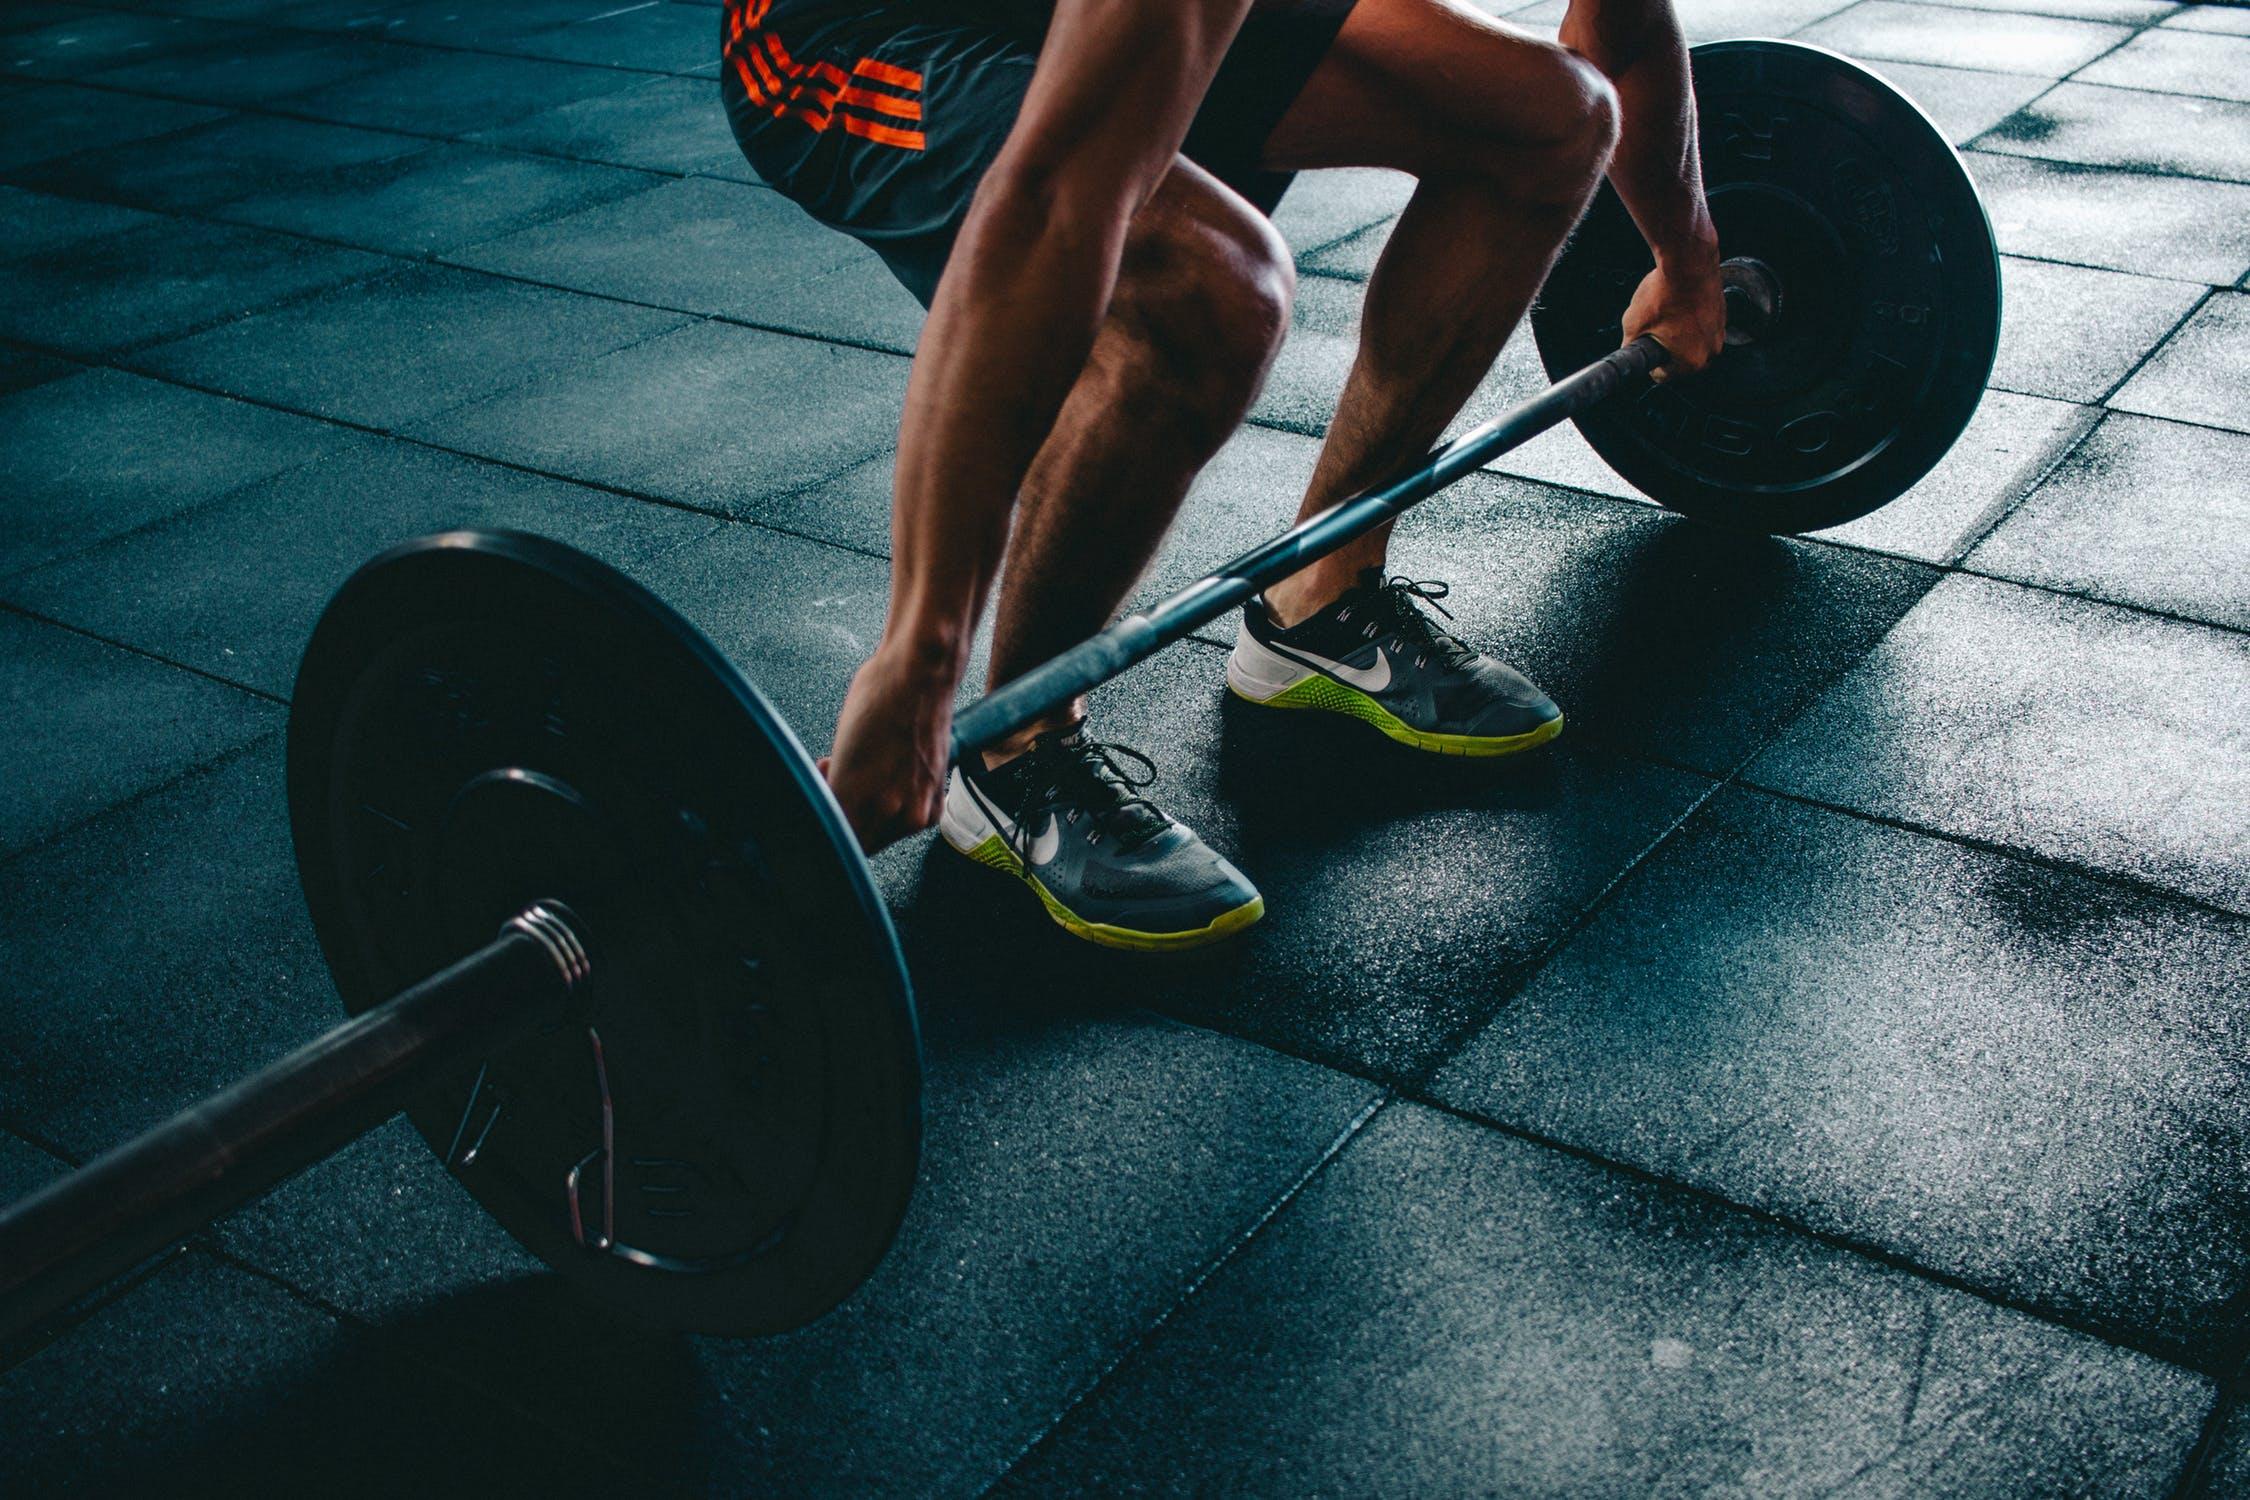 健身锻炼后,肌肉酸痛的情况下,还要继续训练吗?